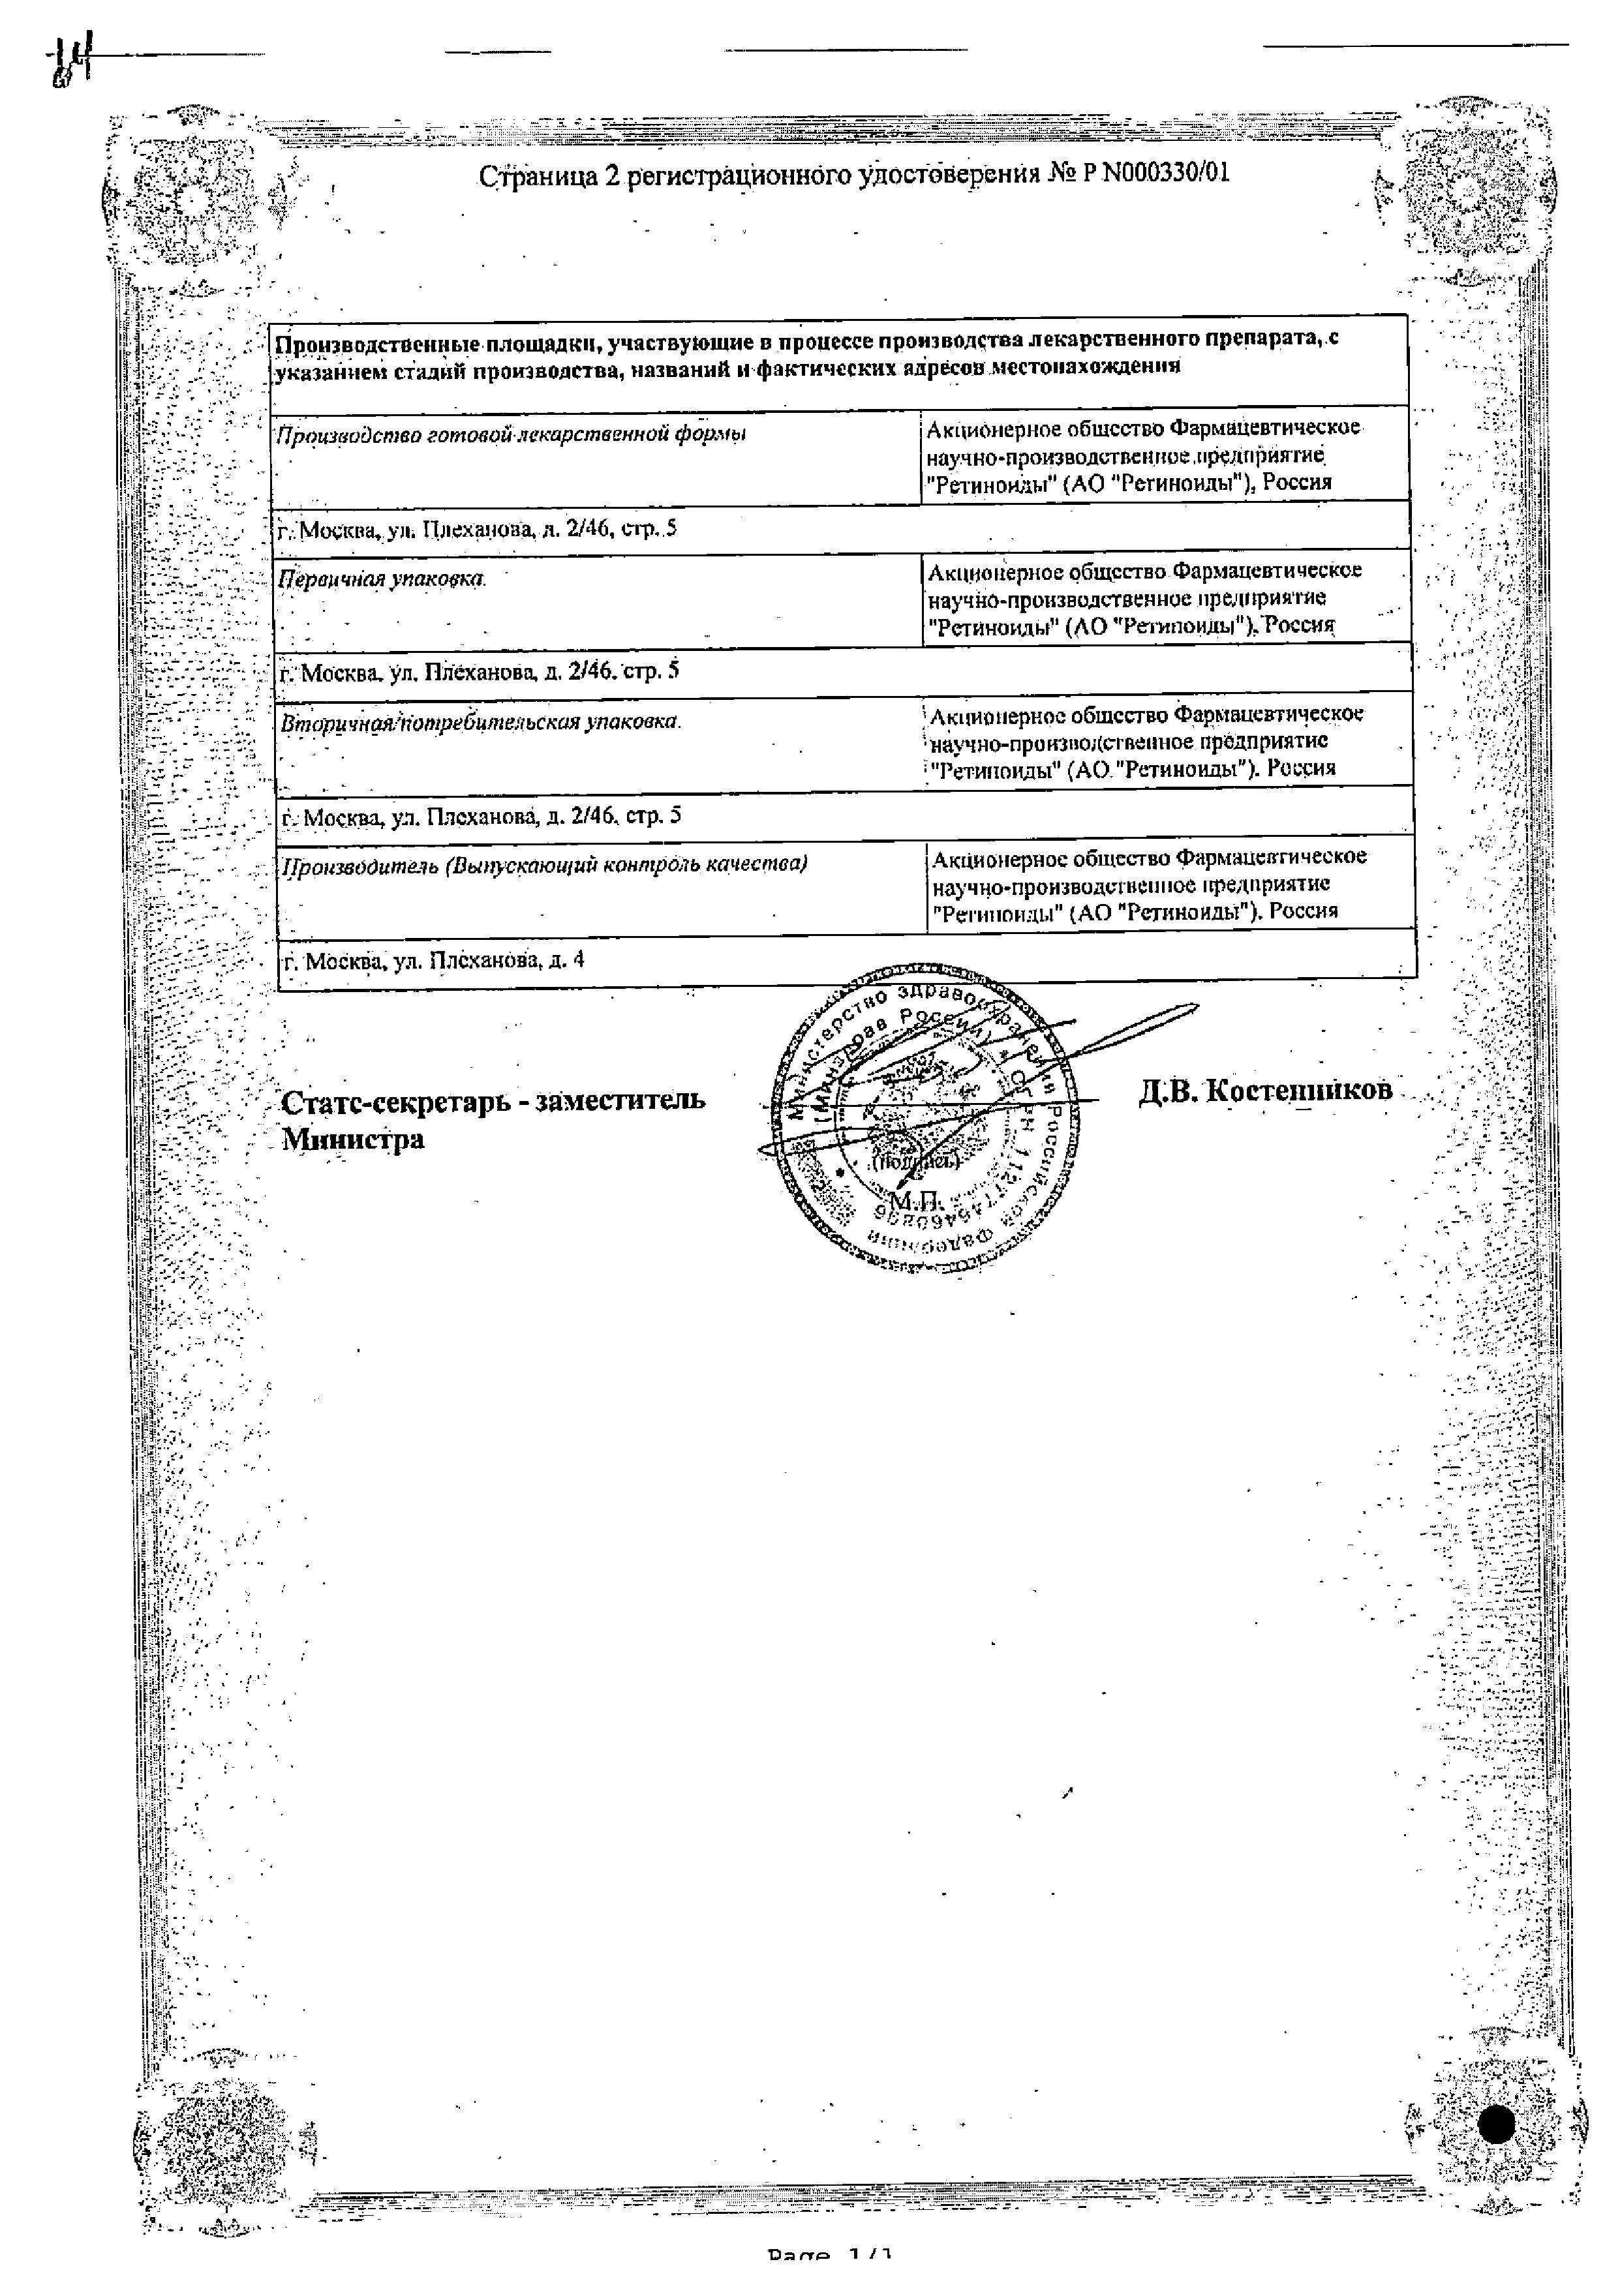 Радевит Актив сертификат